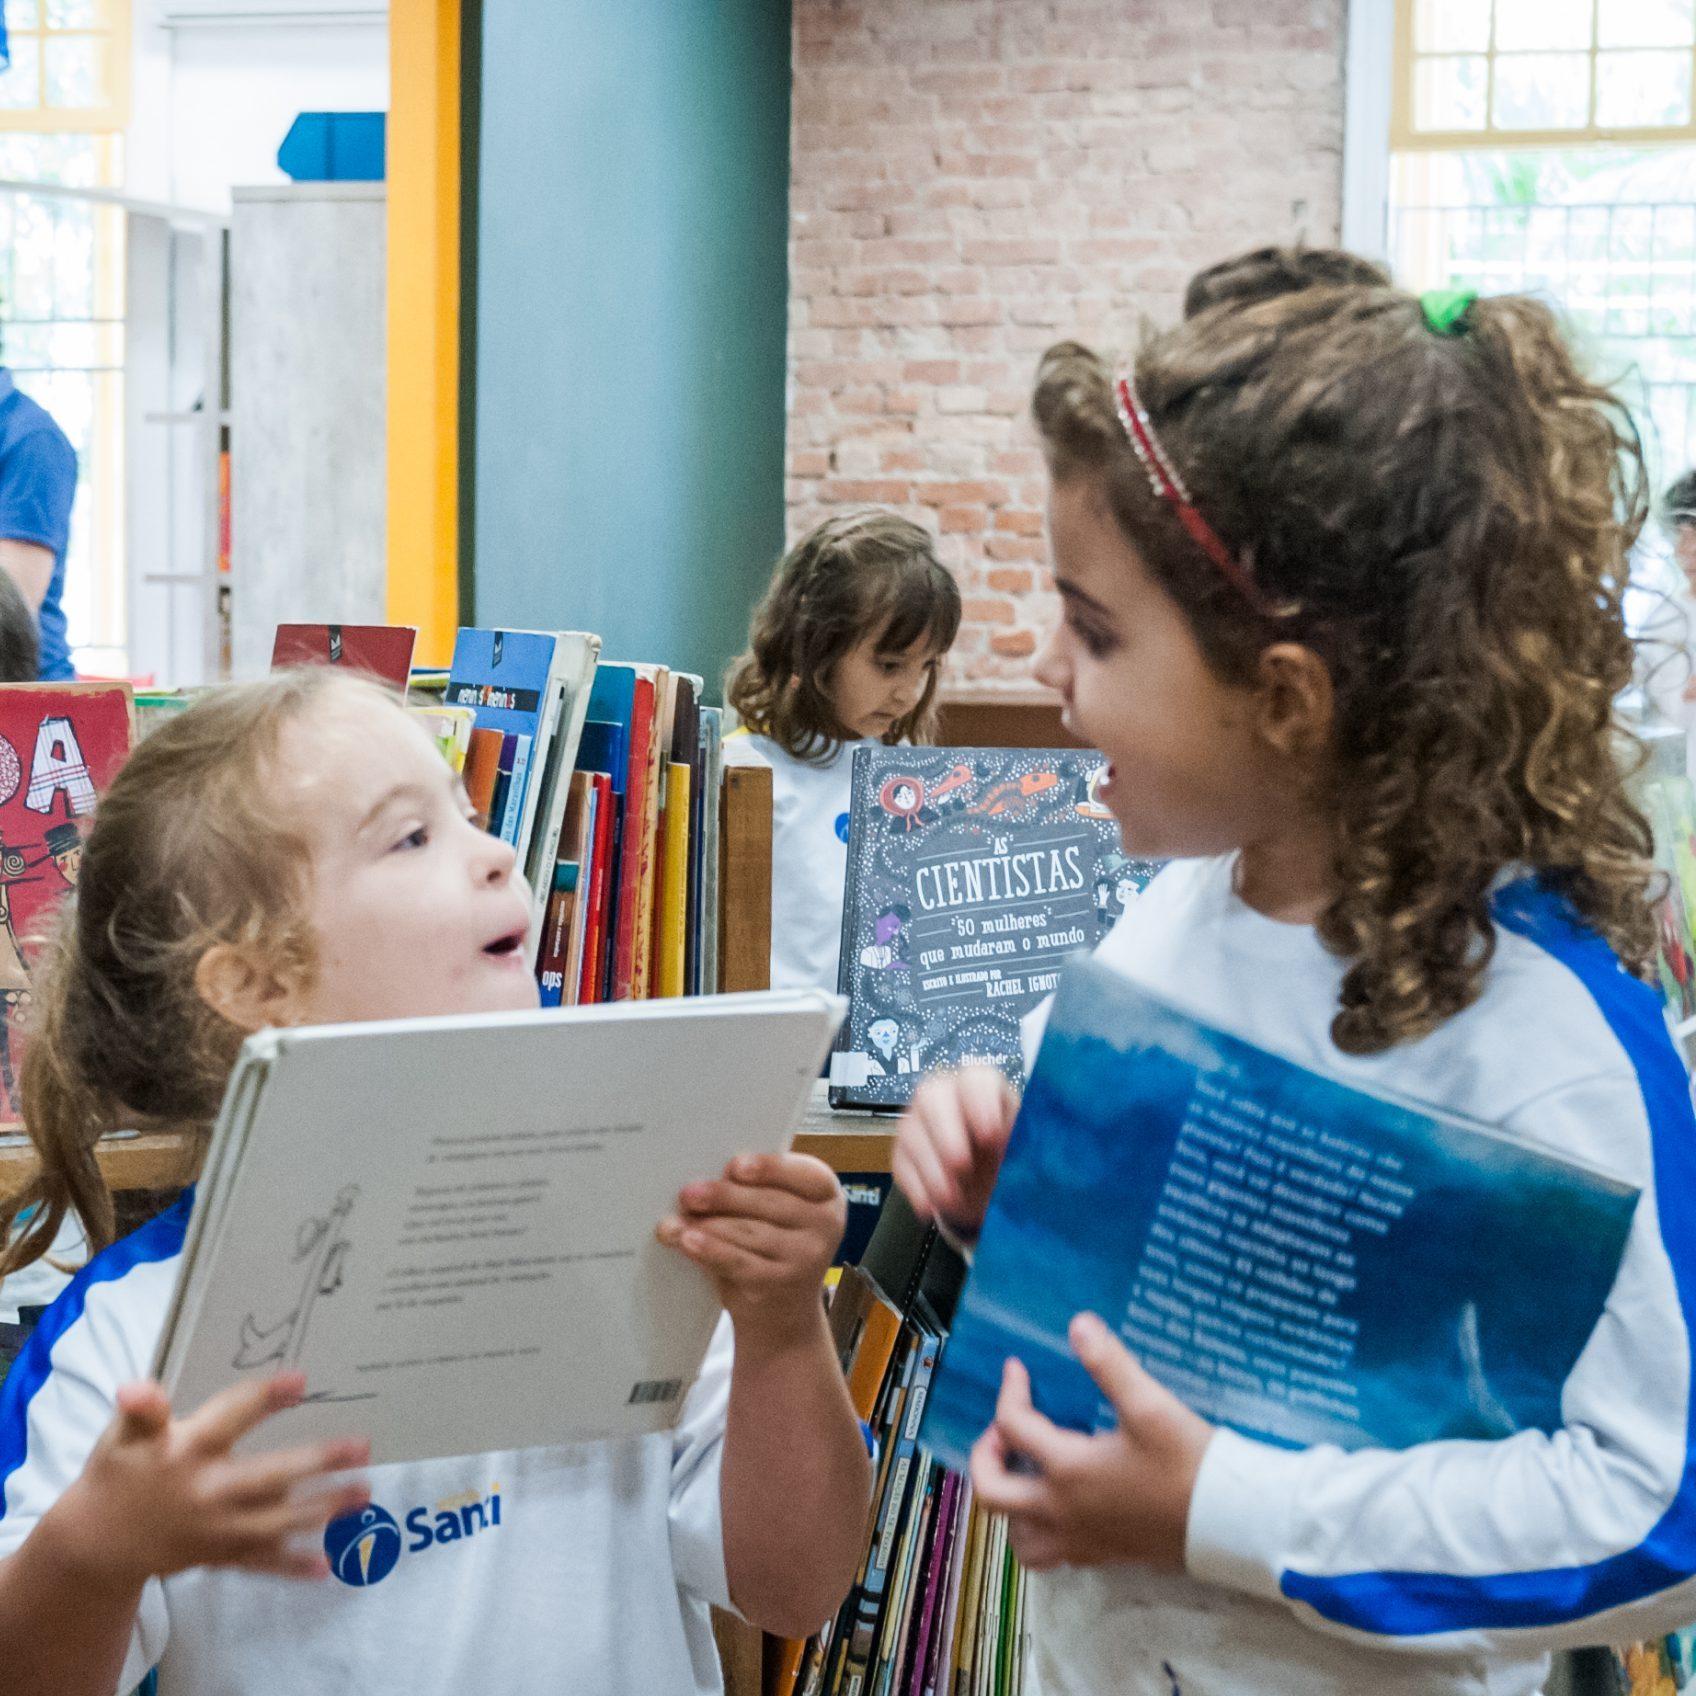 A Importância Do Diálogo Para O Desenvolvimento Das Crianças